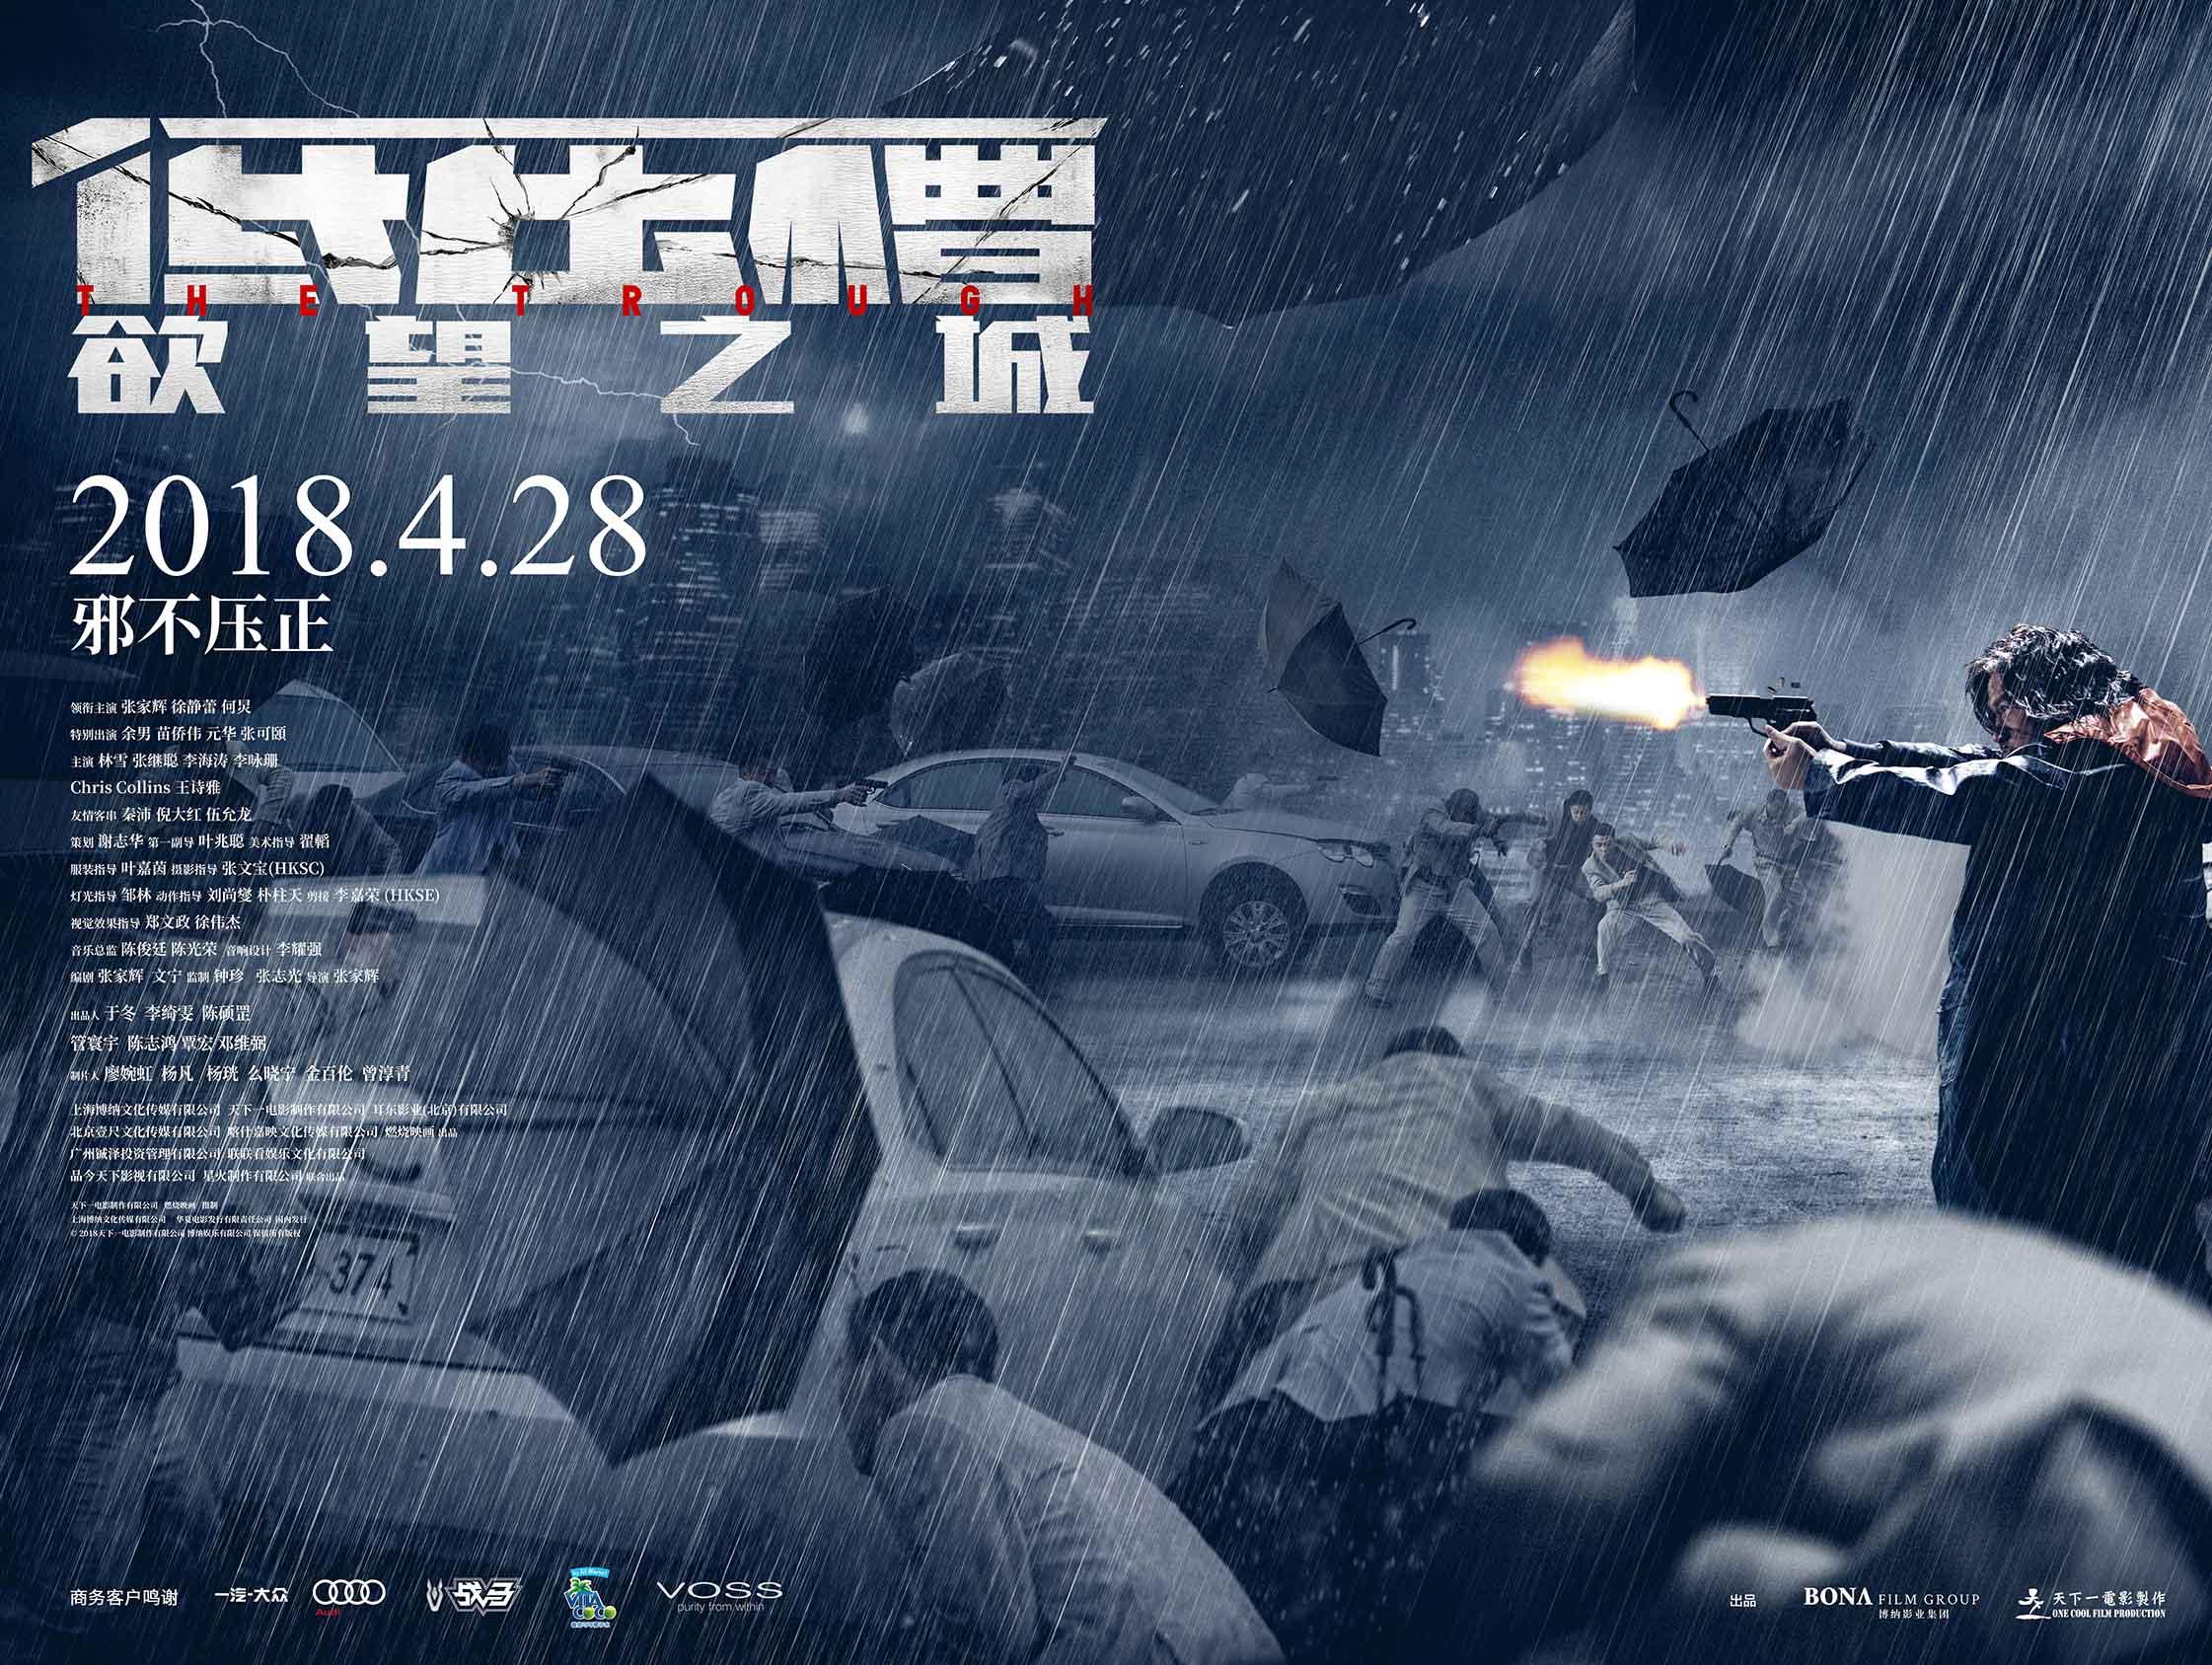 张家辉导演《低压槽:欲望之城》 带你浸入式体验罪恶之城